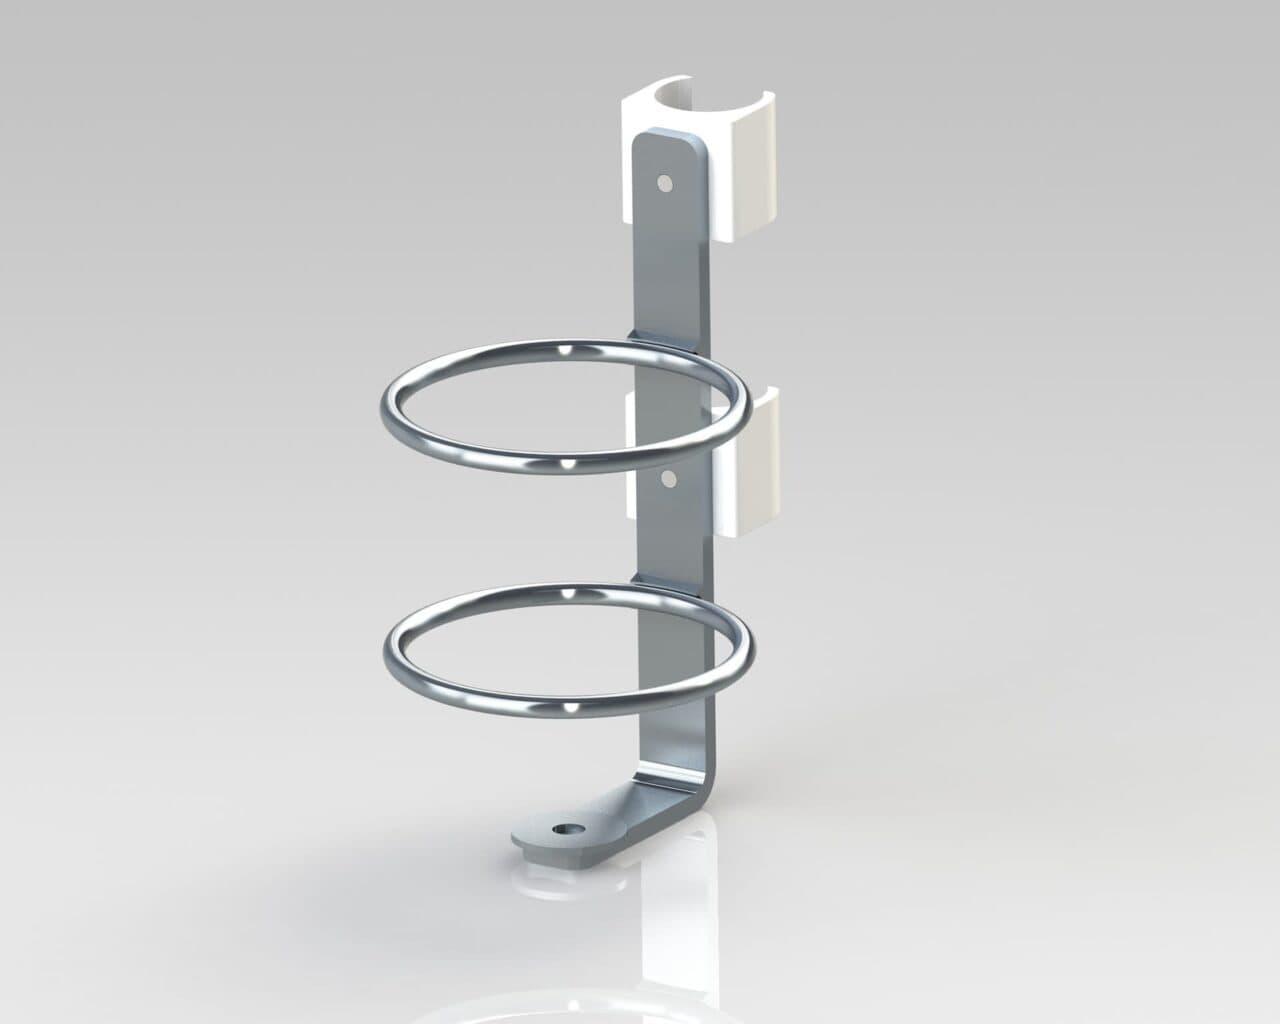 PEK3 Easytube Metal Accessories CH-2010